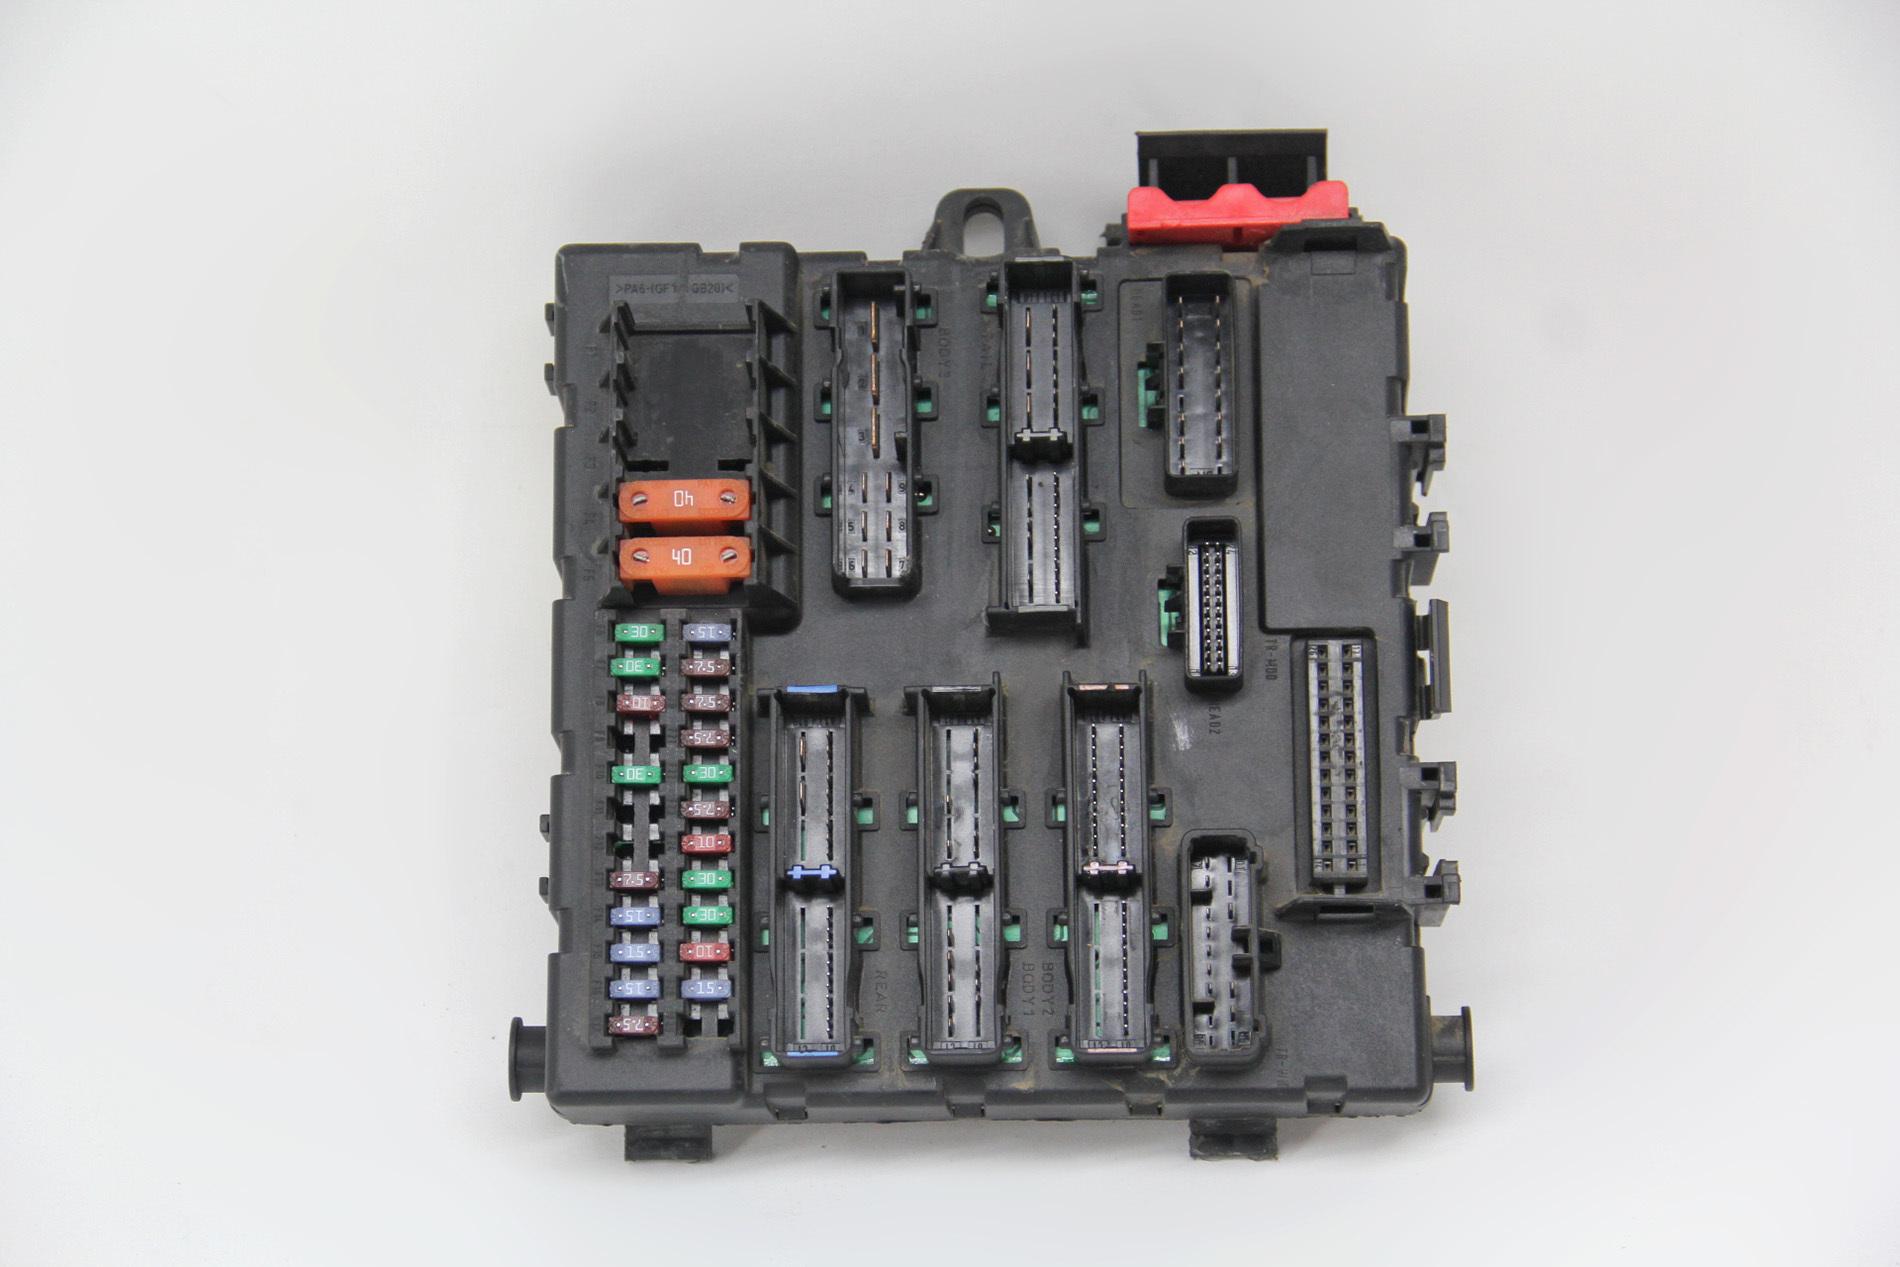 2005 saab 9 3 interior fuse box saab 9 3 tid fuse box saab 9-3 interior rear fuse box 12805847 oem 03 04 05 06 ... #7